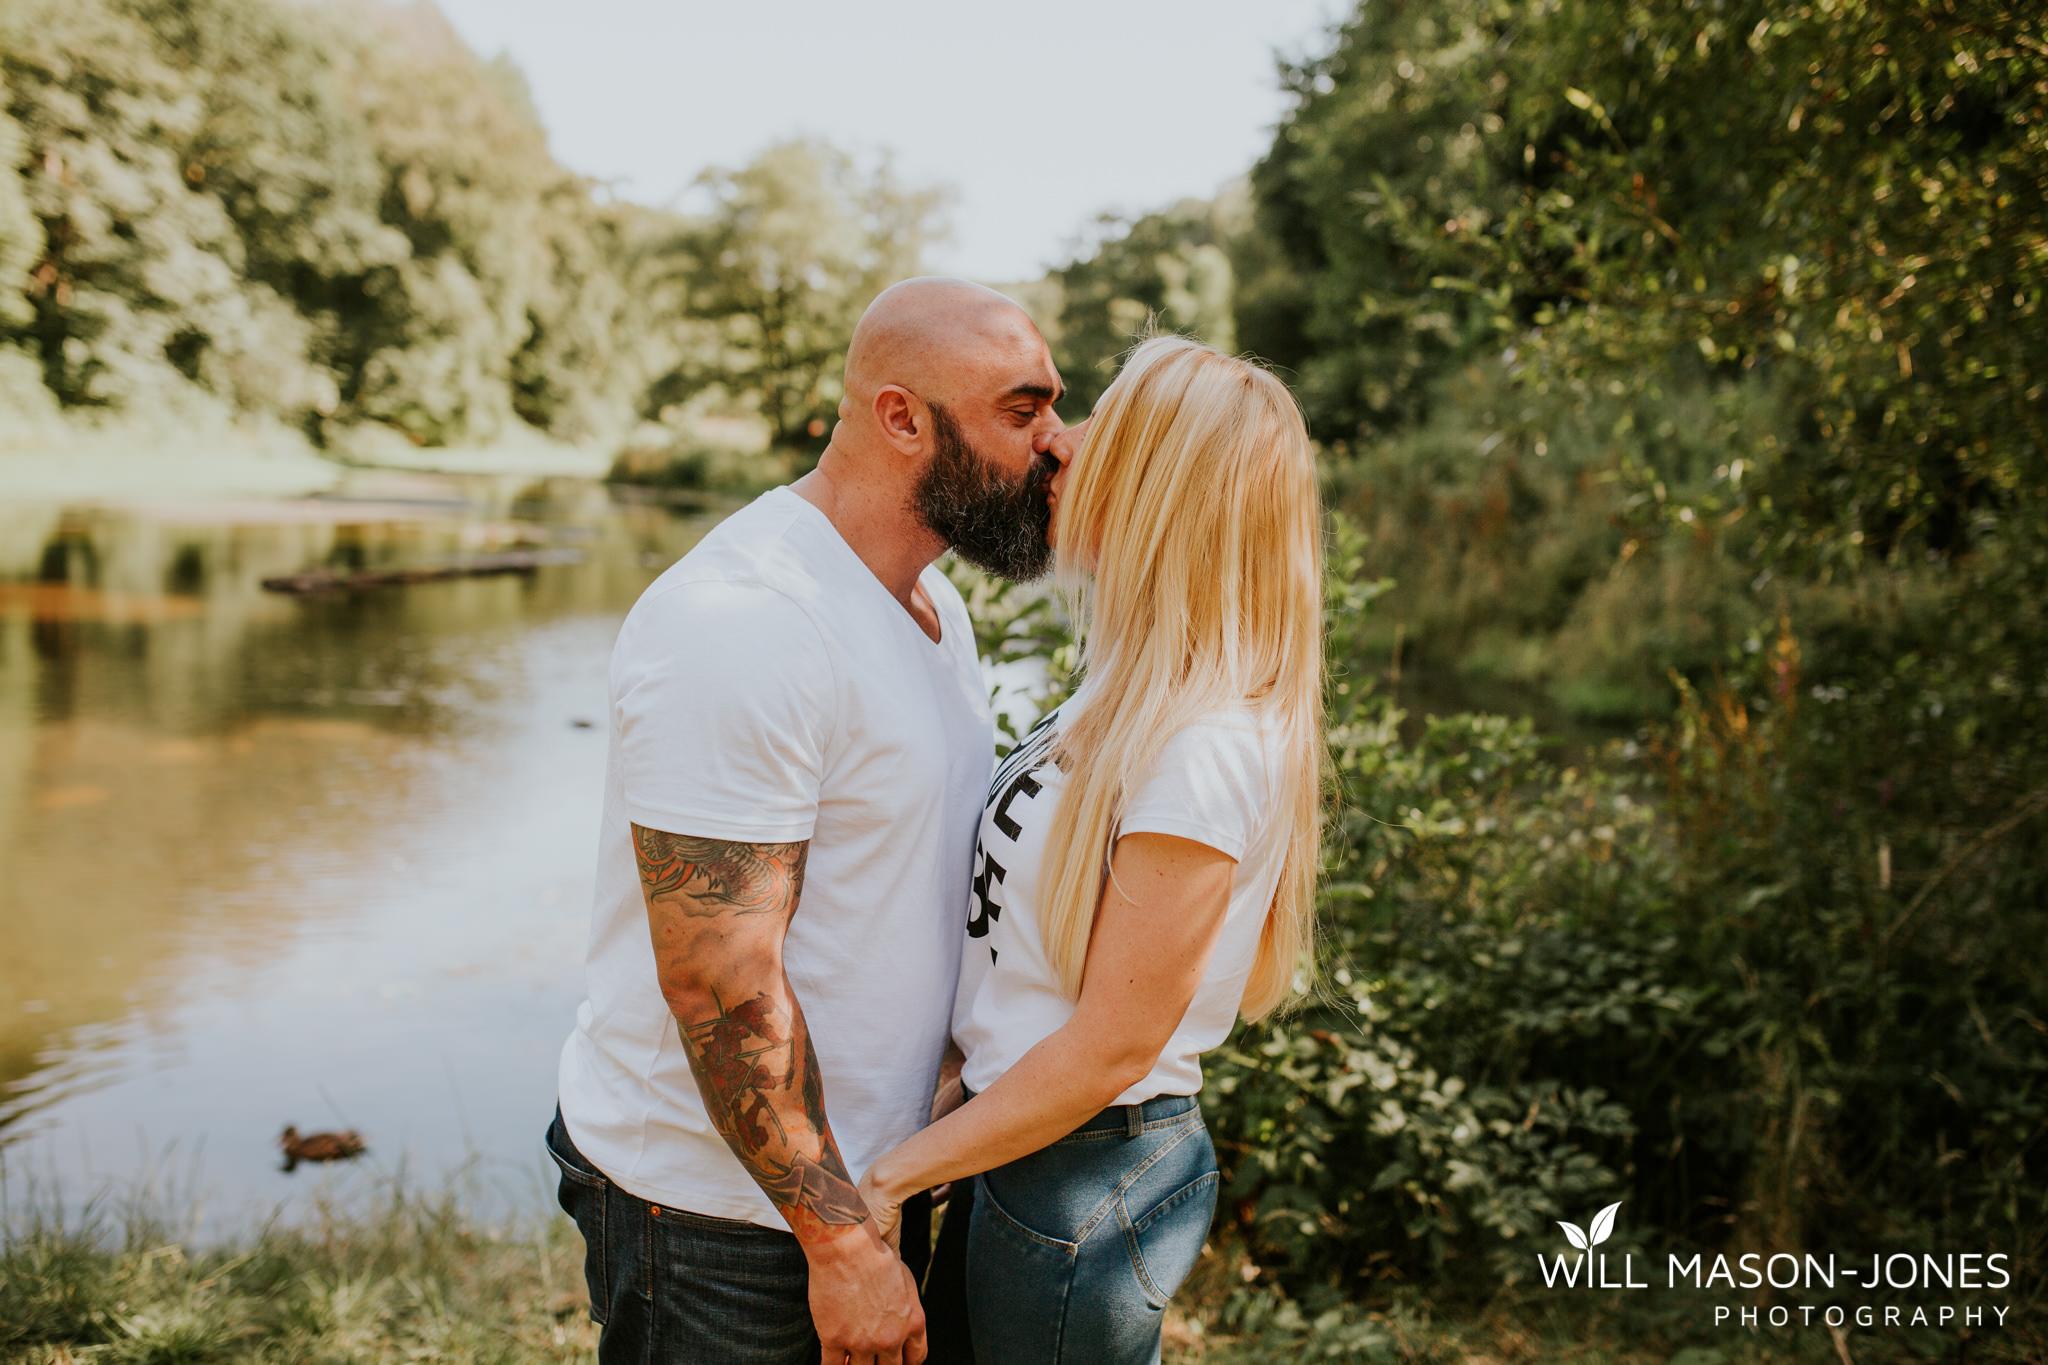 penllegaer-woods-couple-engagement-photographer-swansea-1.jpg